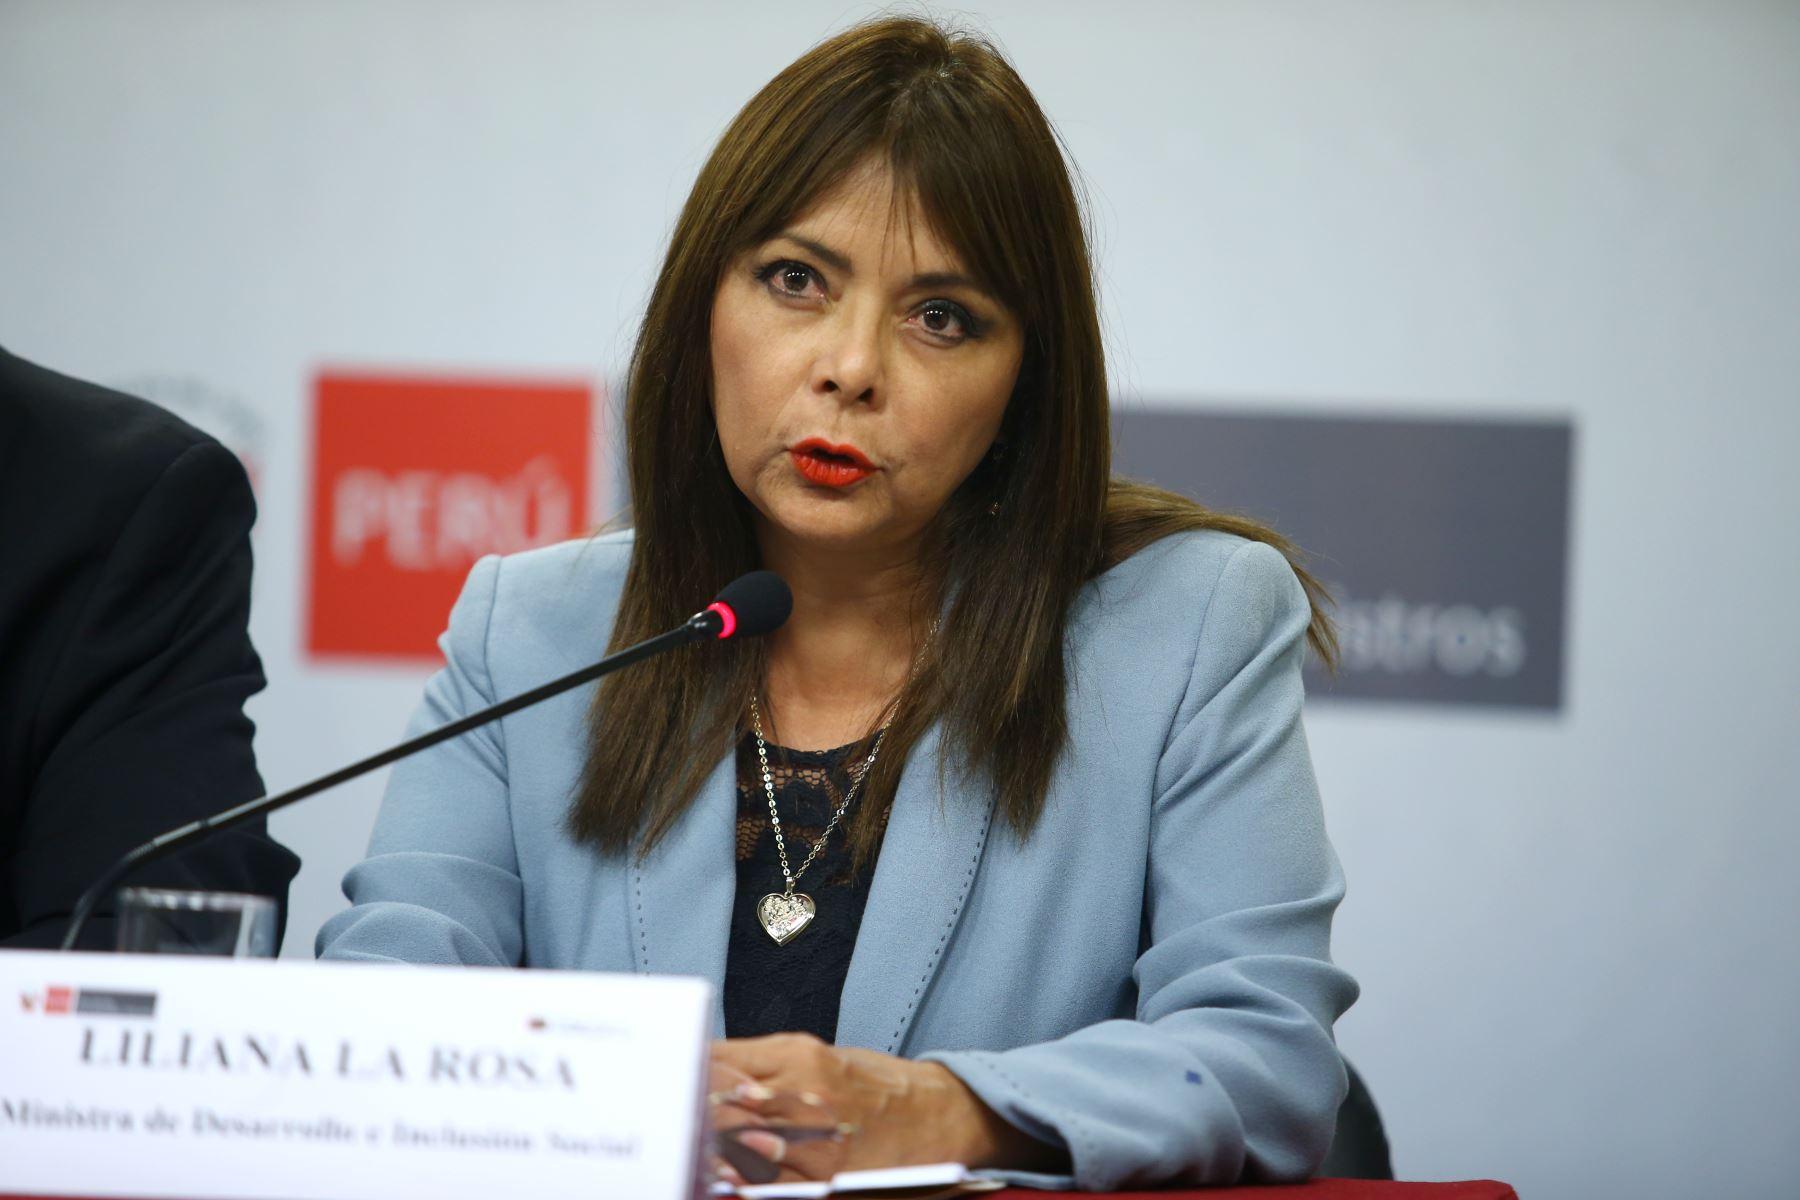 Ministra de Desarrollo e Inclusión Social, Liliana La Rosa, en conferencia de prensa tras reunión del Consejo de Ministros. Foto: ANDINA/Melina Mejía.